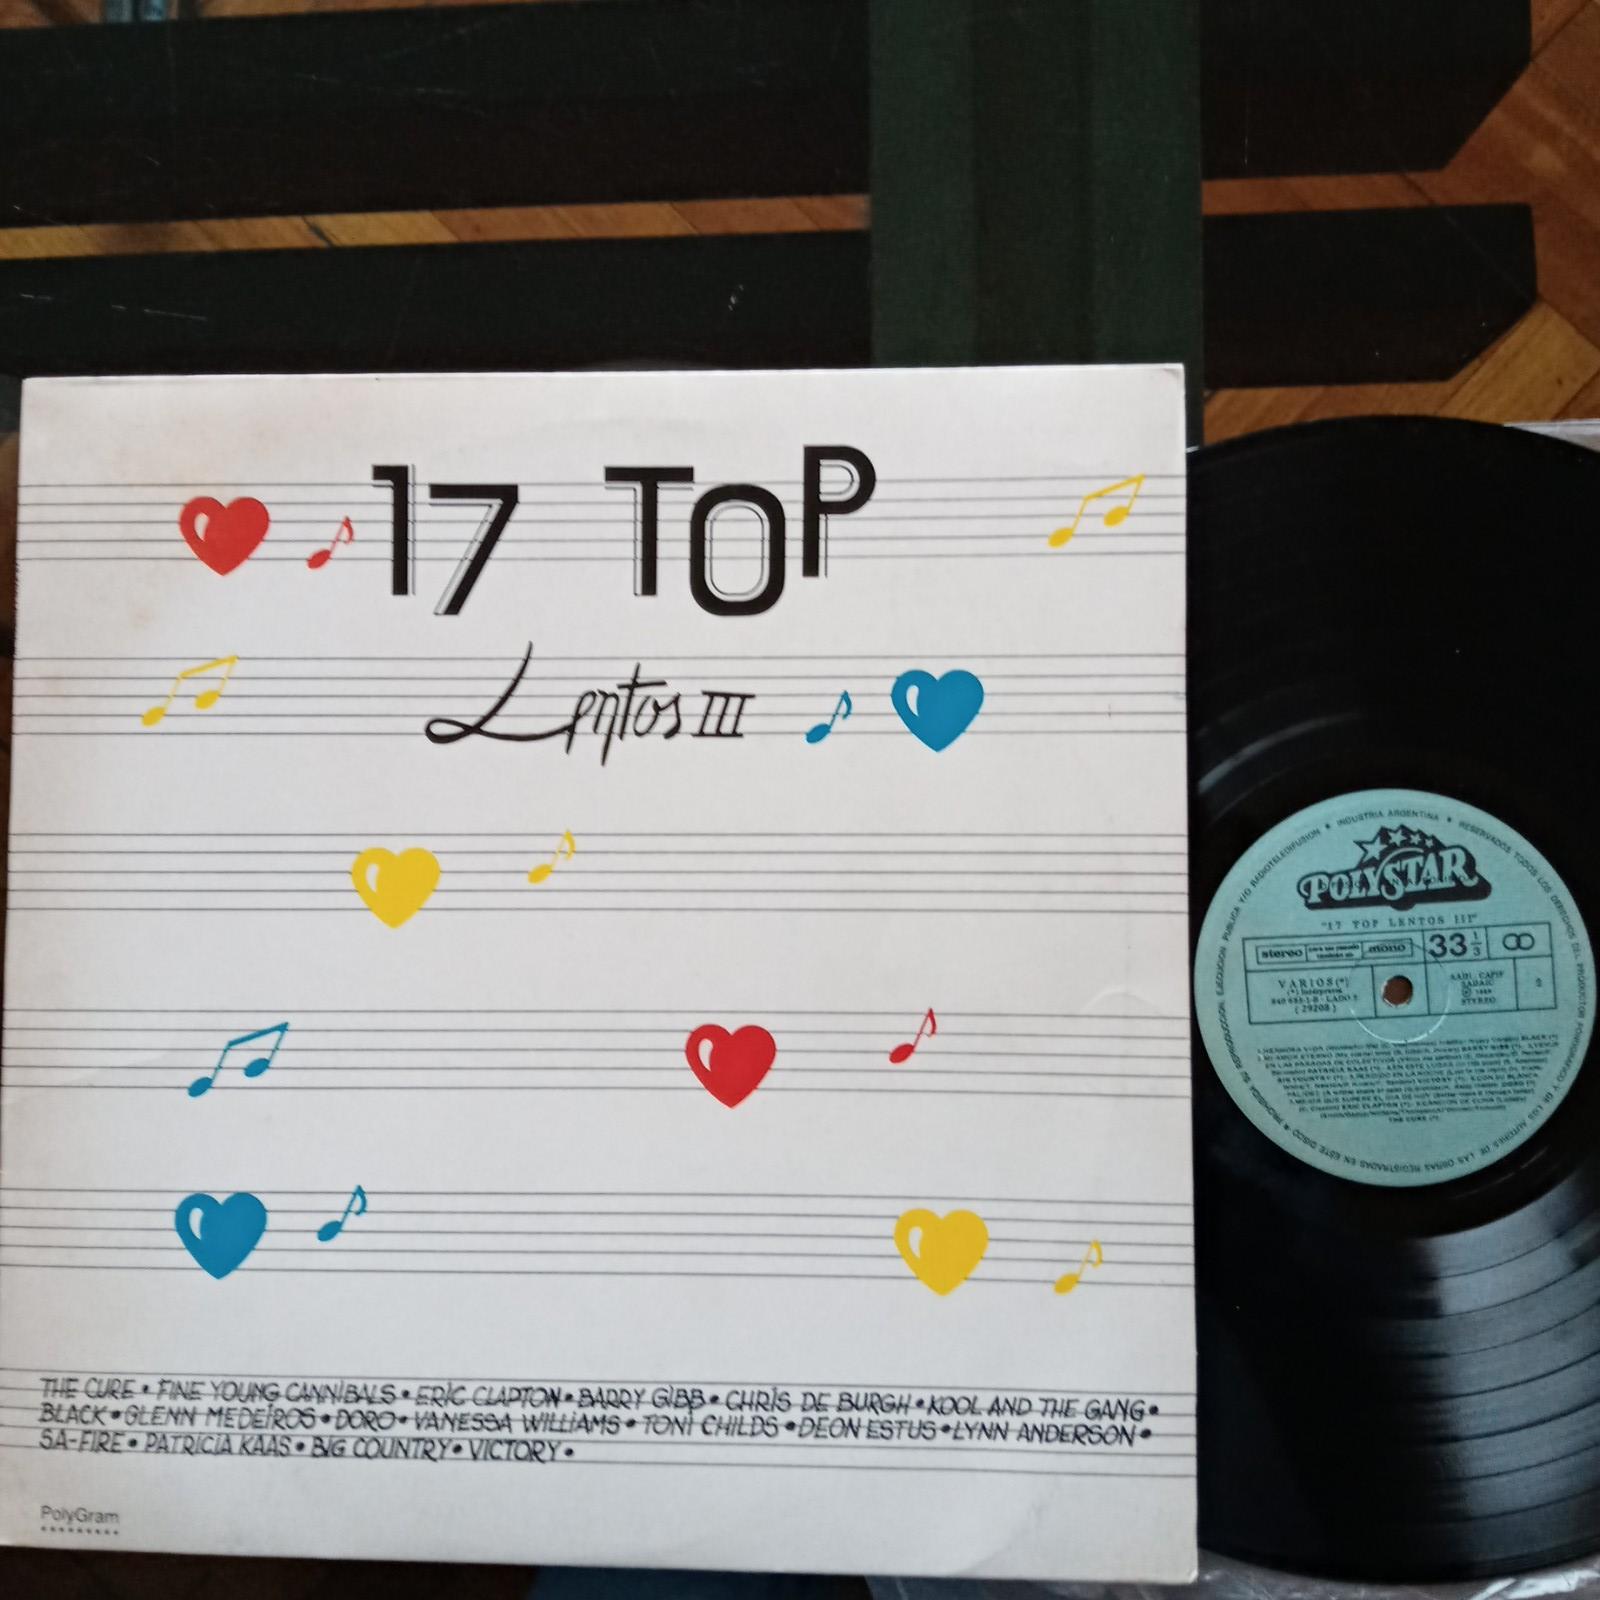 17 Top Lentos Iii